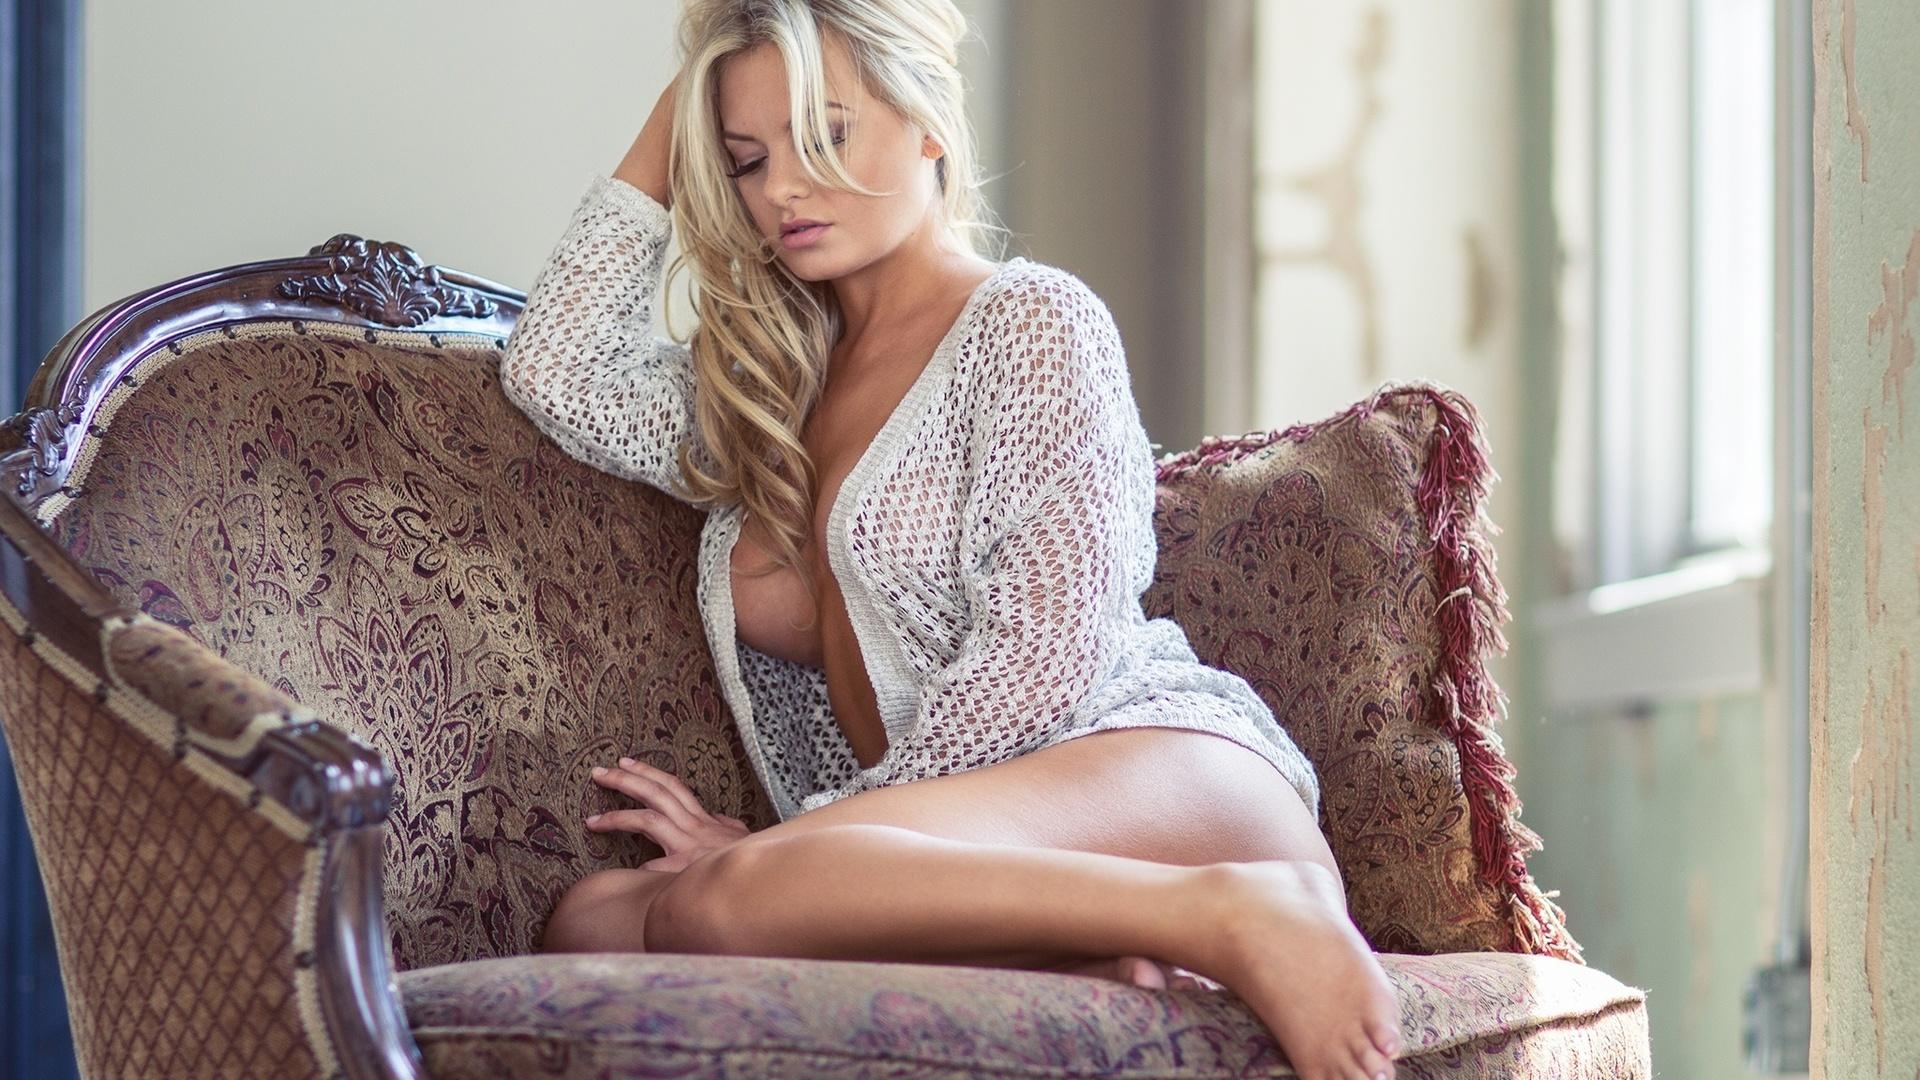 Секси блондинка в дома фото